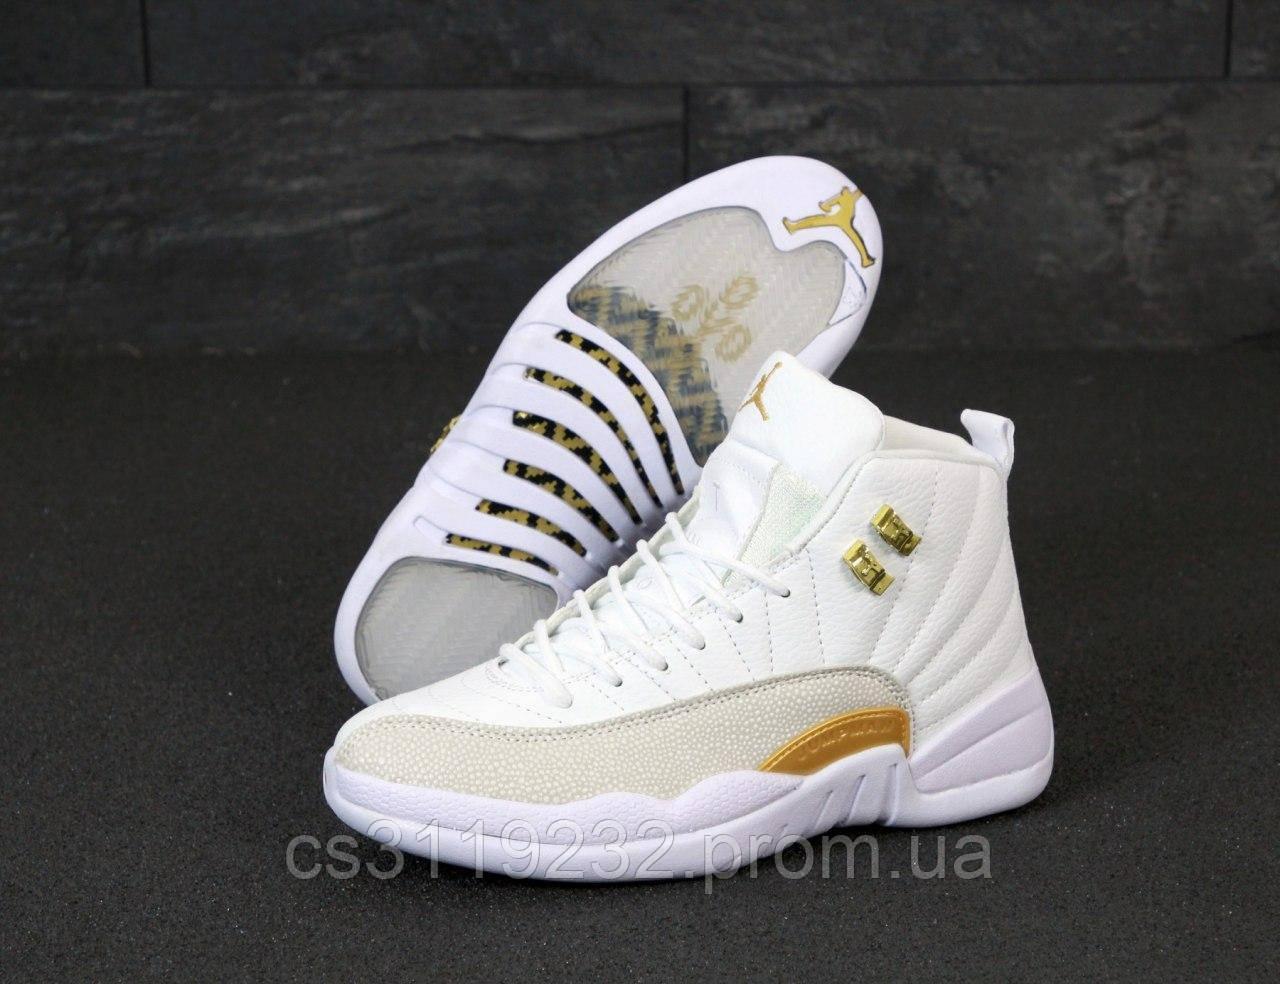 Чоловічі кросівки Nike Air Jordan White (білі)